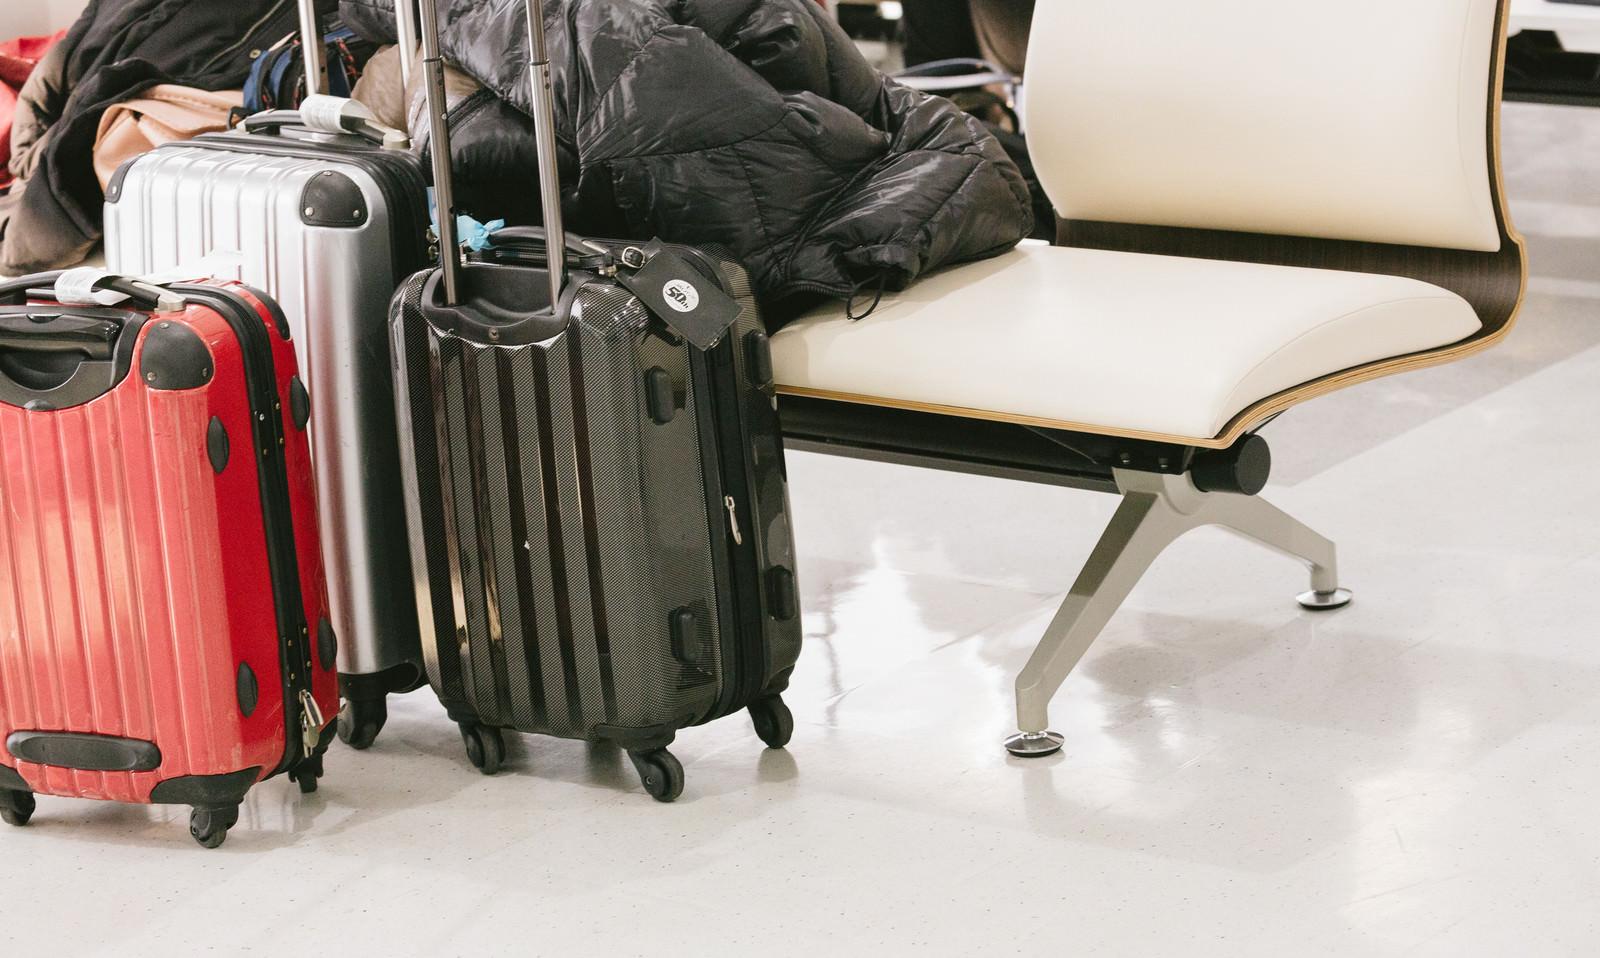 「旅行中のキャリーケース旅行中のキャリーケース」のフリー写真素材を拡大